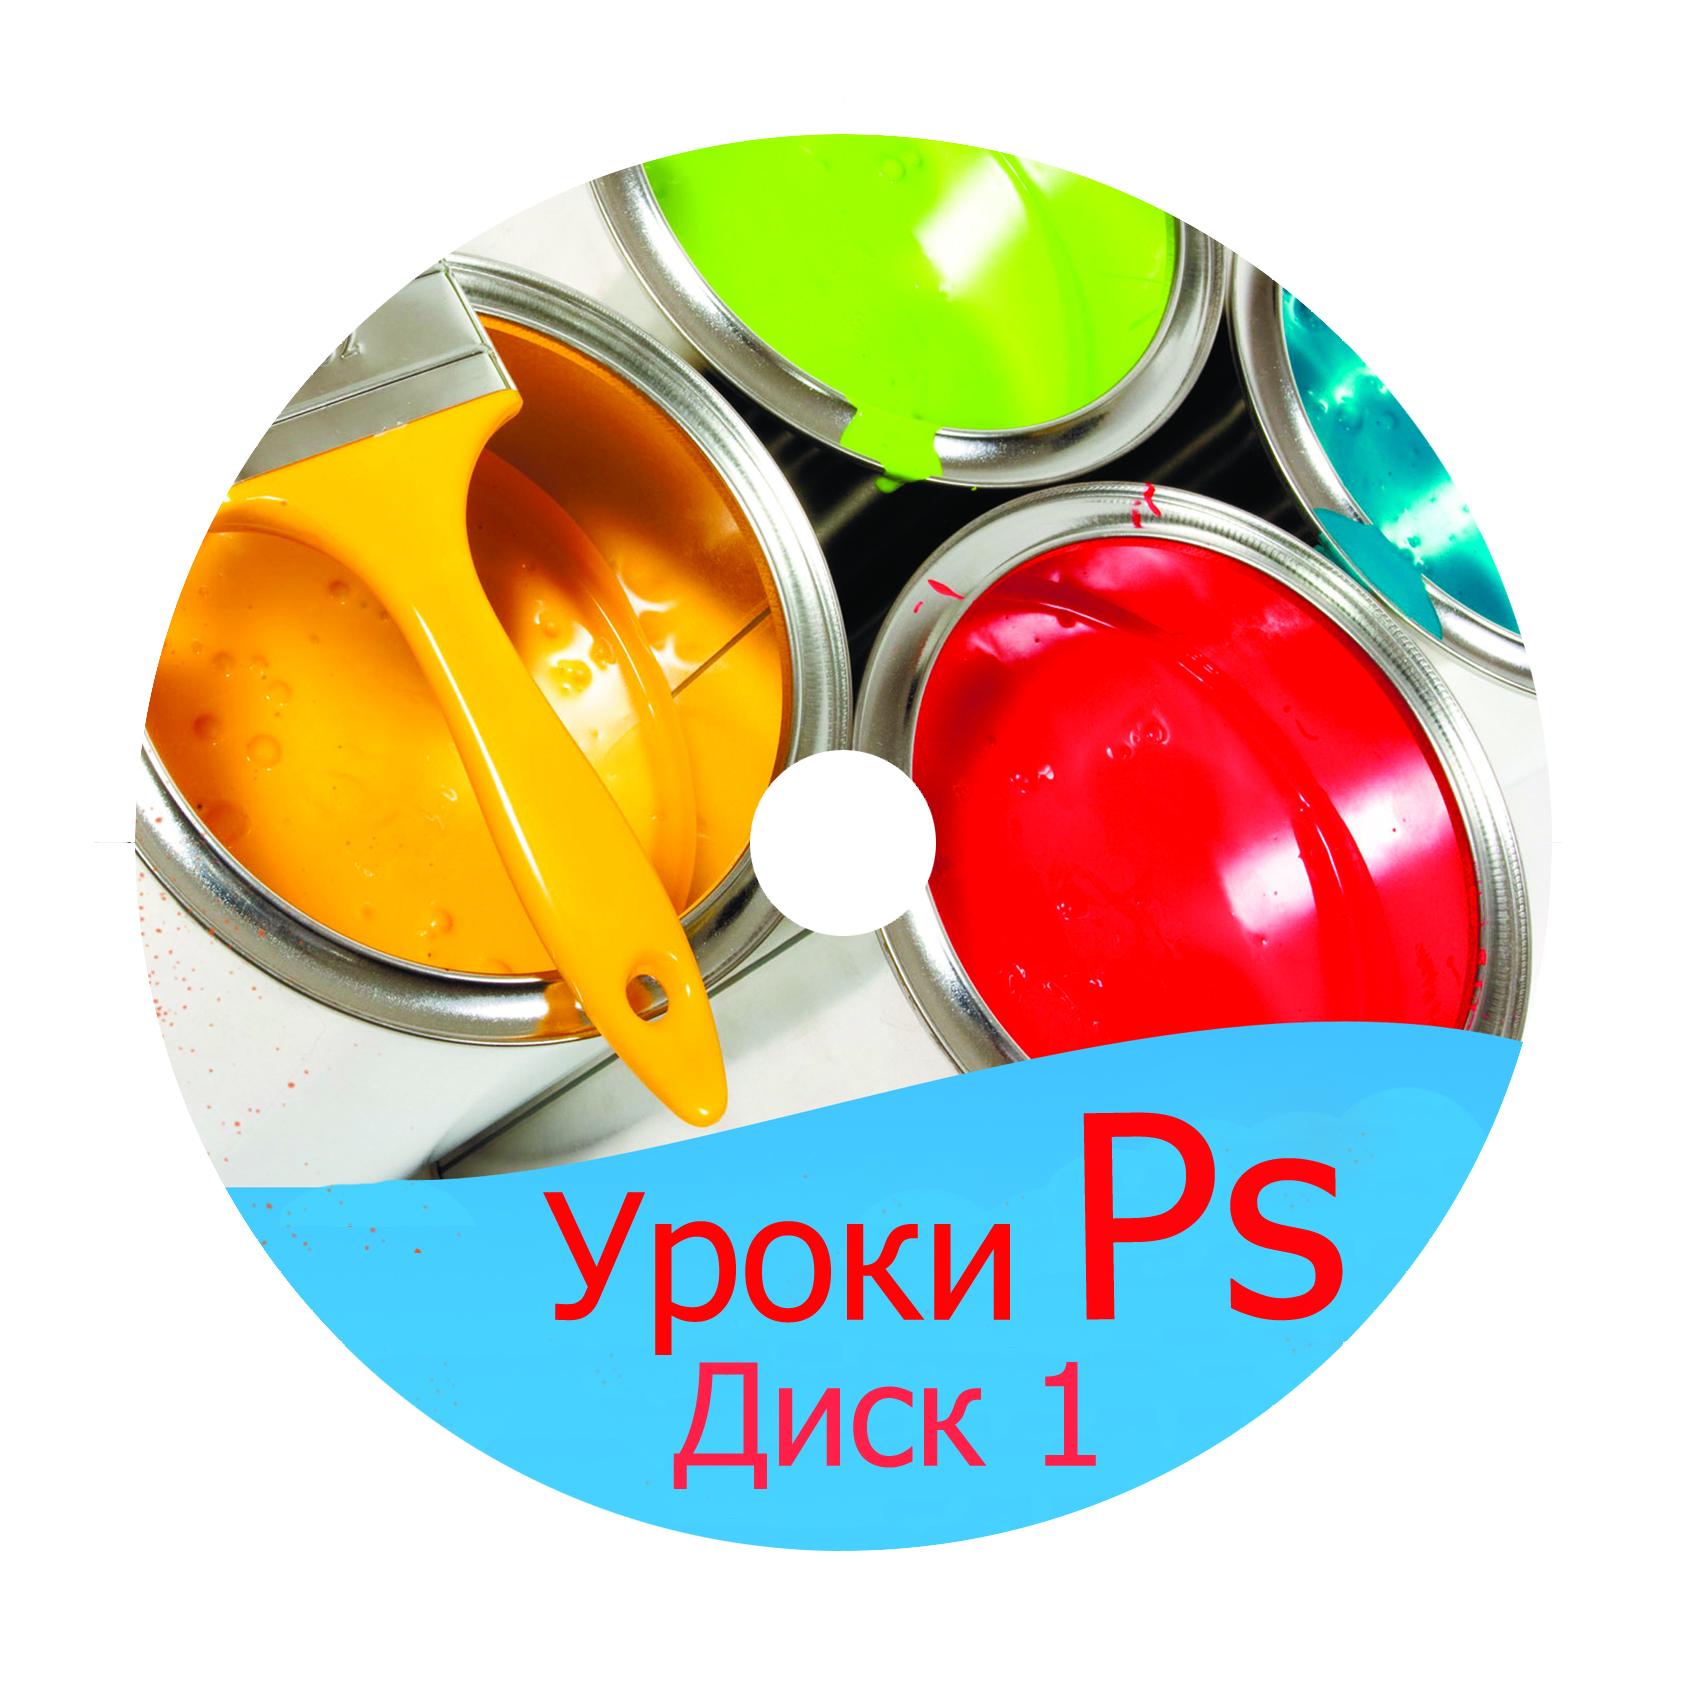 Создание дизайна DVD релиза (обложка, накатка, меню и т.п.) фото f_4d8c26dea7a9b.jpg